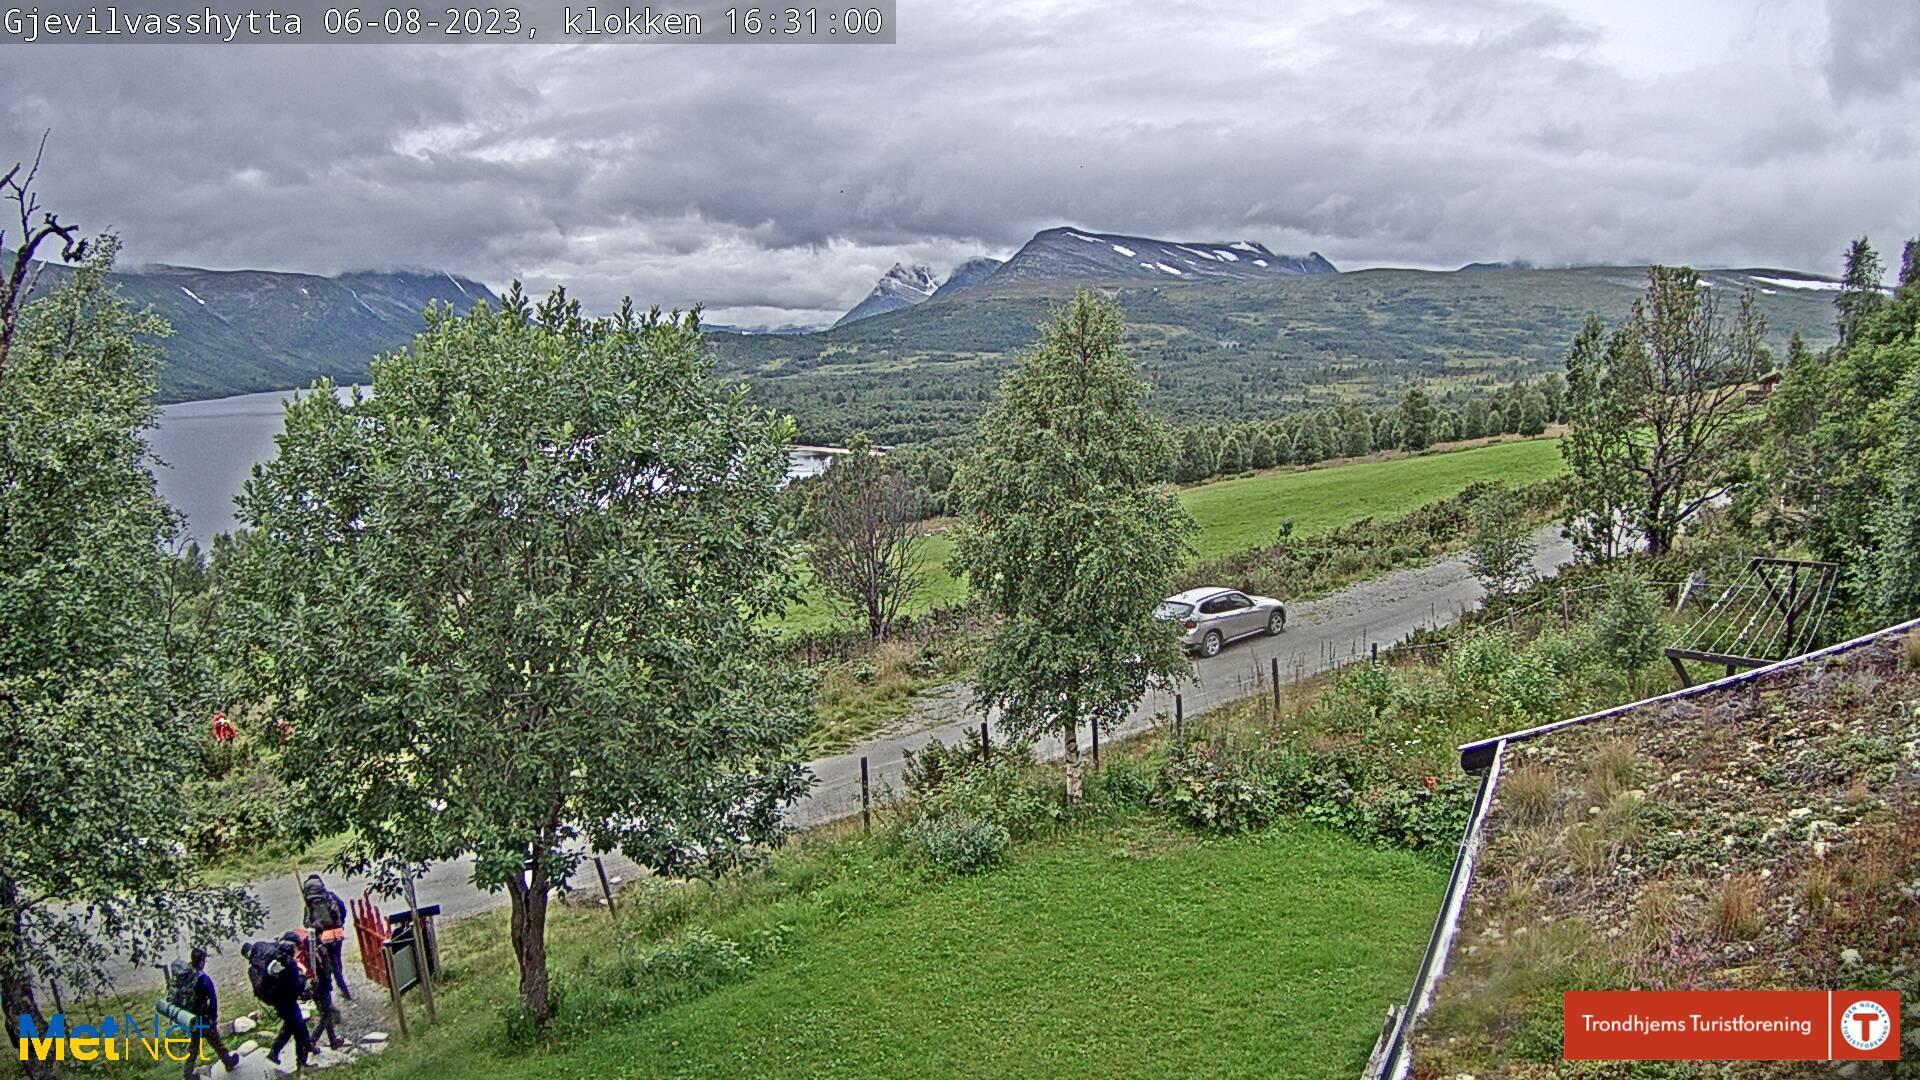 Webkamera Munkvoll › West: Utsikt fra Gjevilvasshytta mot Ok